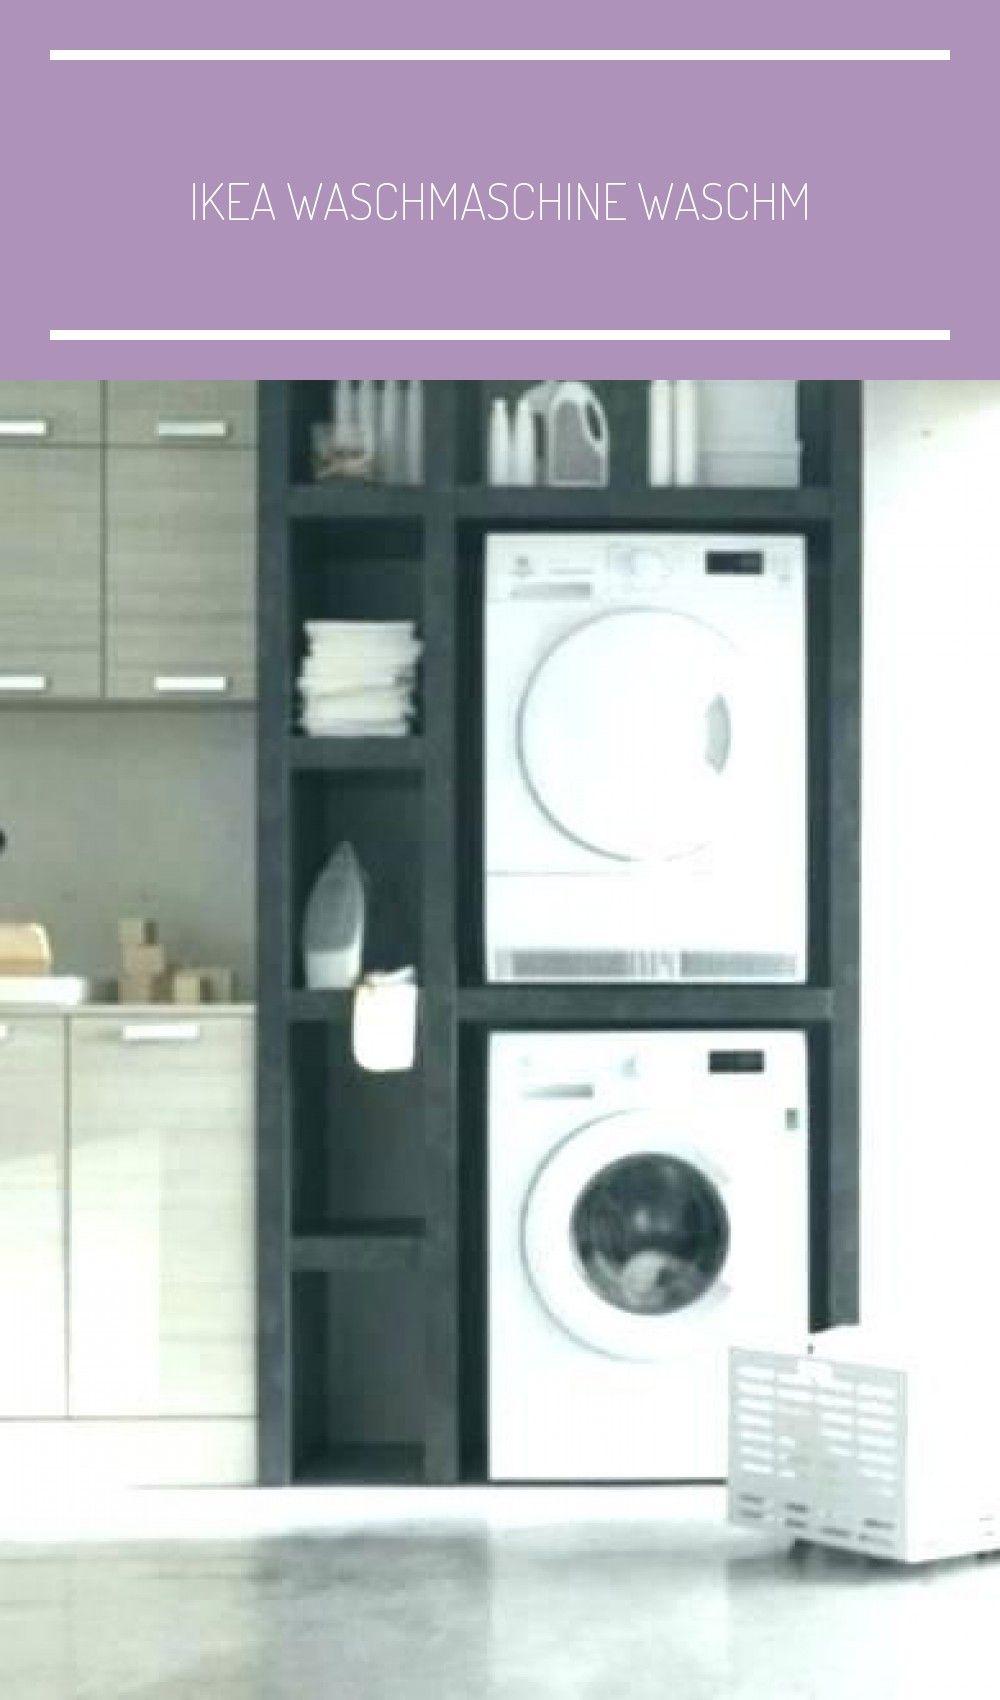 Ikea Waschmaschine Waschmaschinenschrank Ikea Aufbau Dorm Room